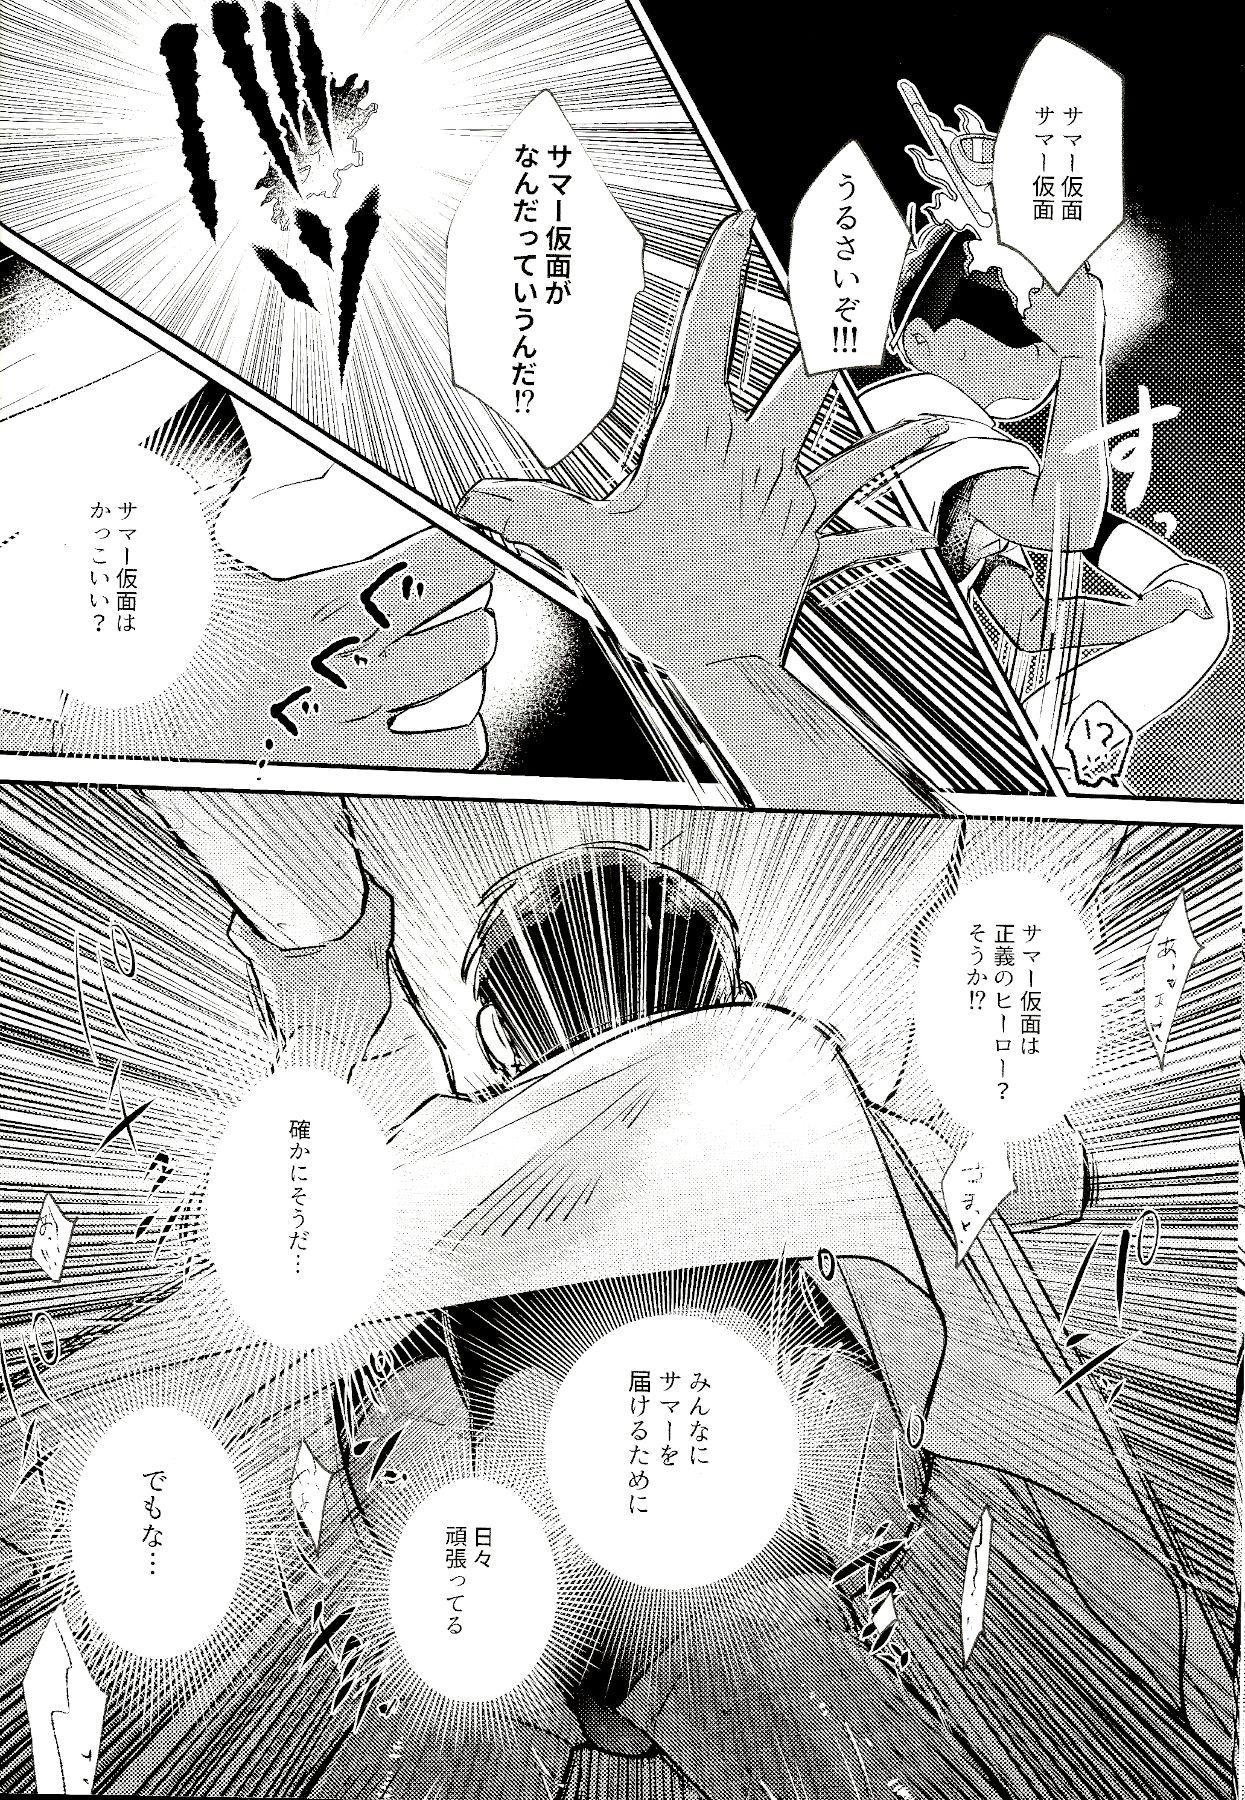 My Riru Juushimatsu ga Summer Kamen to xx Shitaidato!? 20